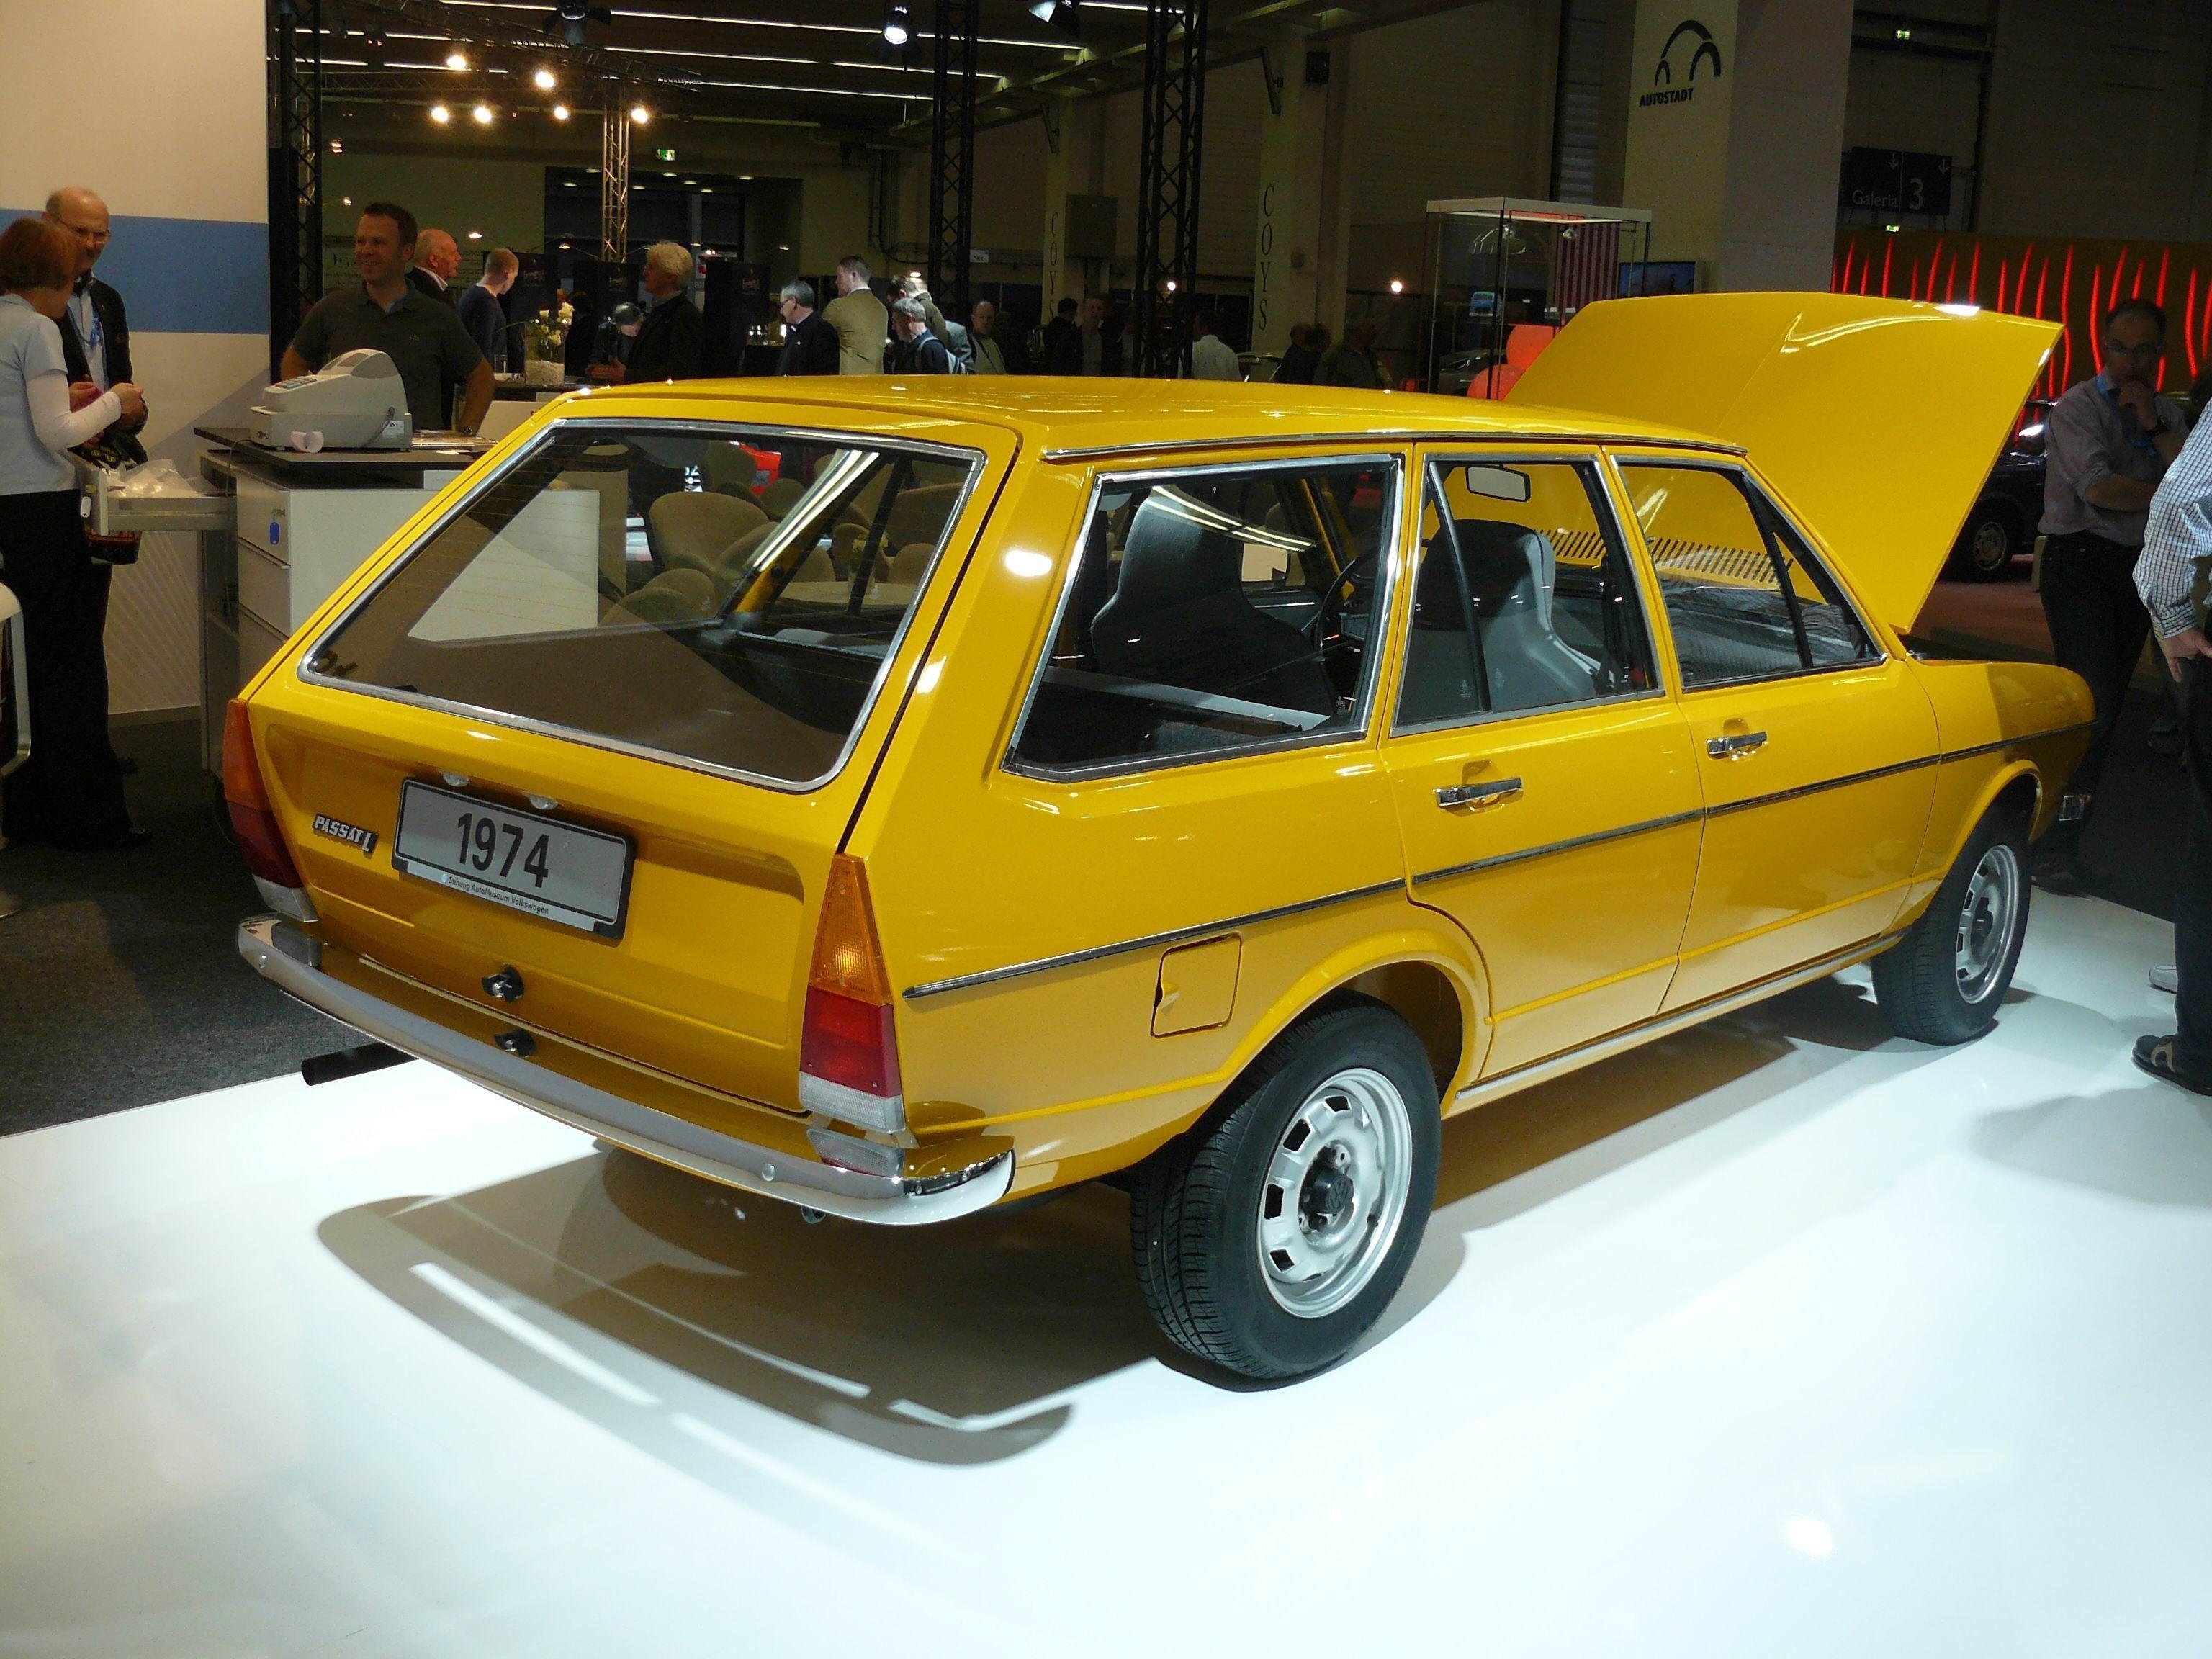 Passat Variant 1974 motor tudo (4)